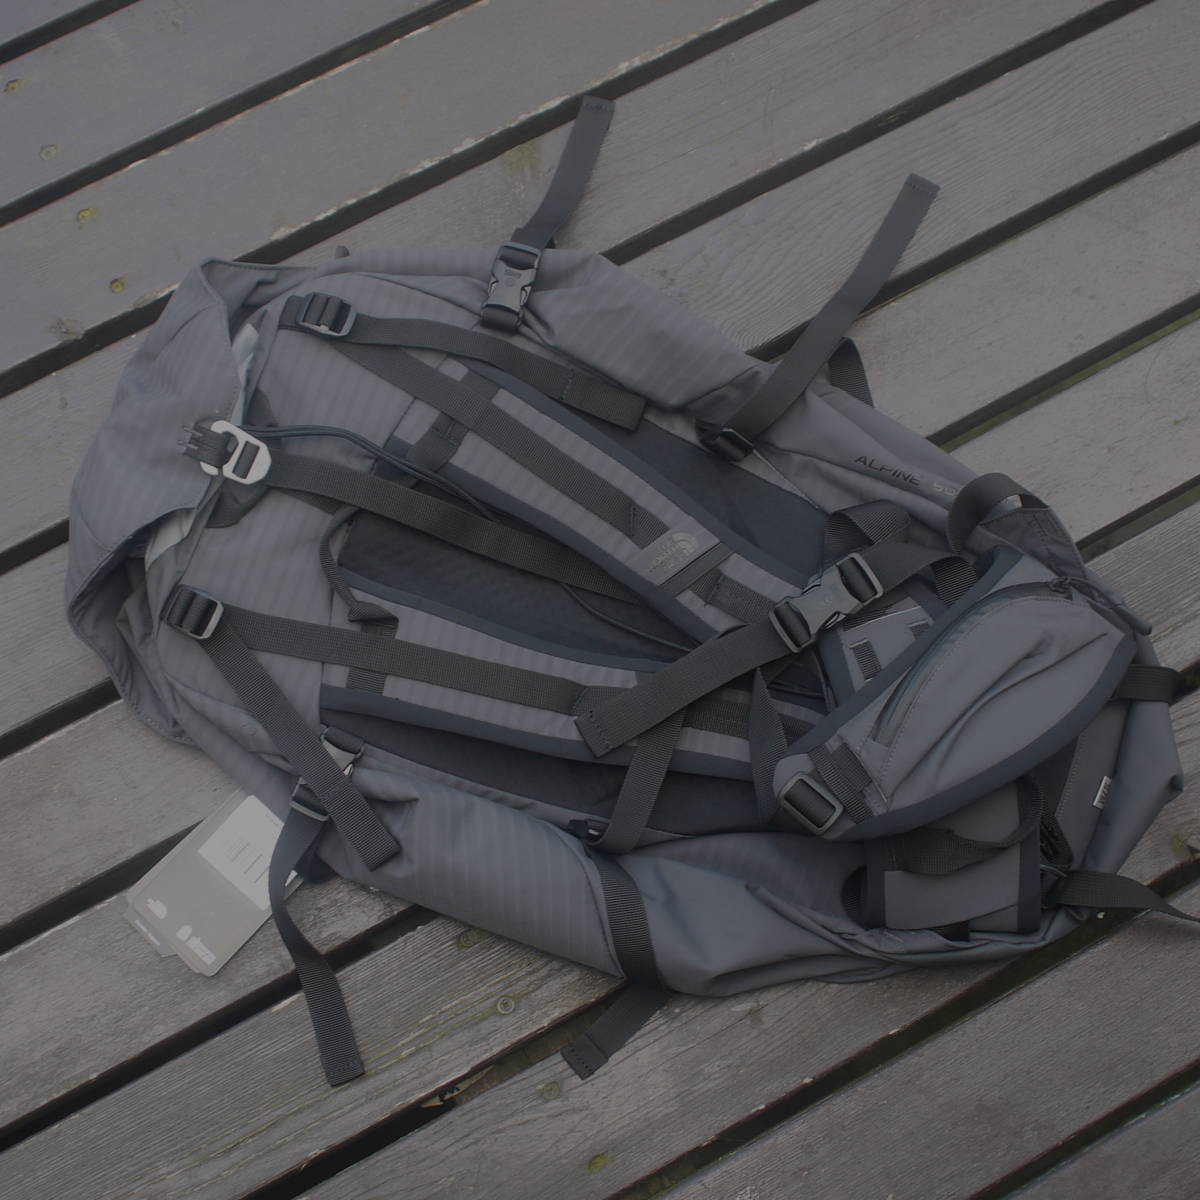 日本未発売 ザ・ノース・フェイス [THE NORTH FACE] SUMMITシリーズ Alpine 50 グレーS/M_画像4